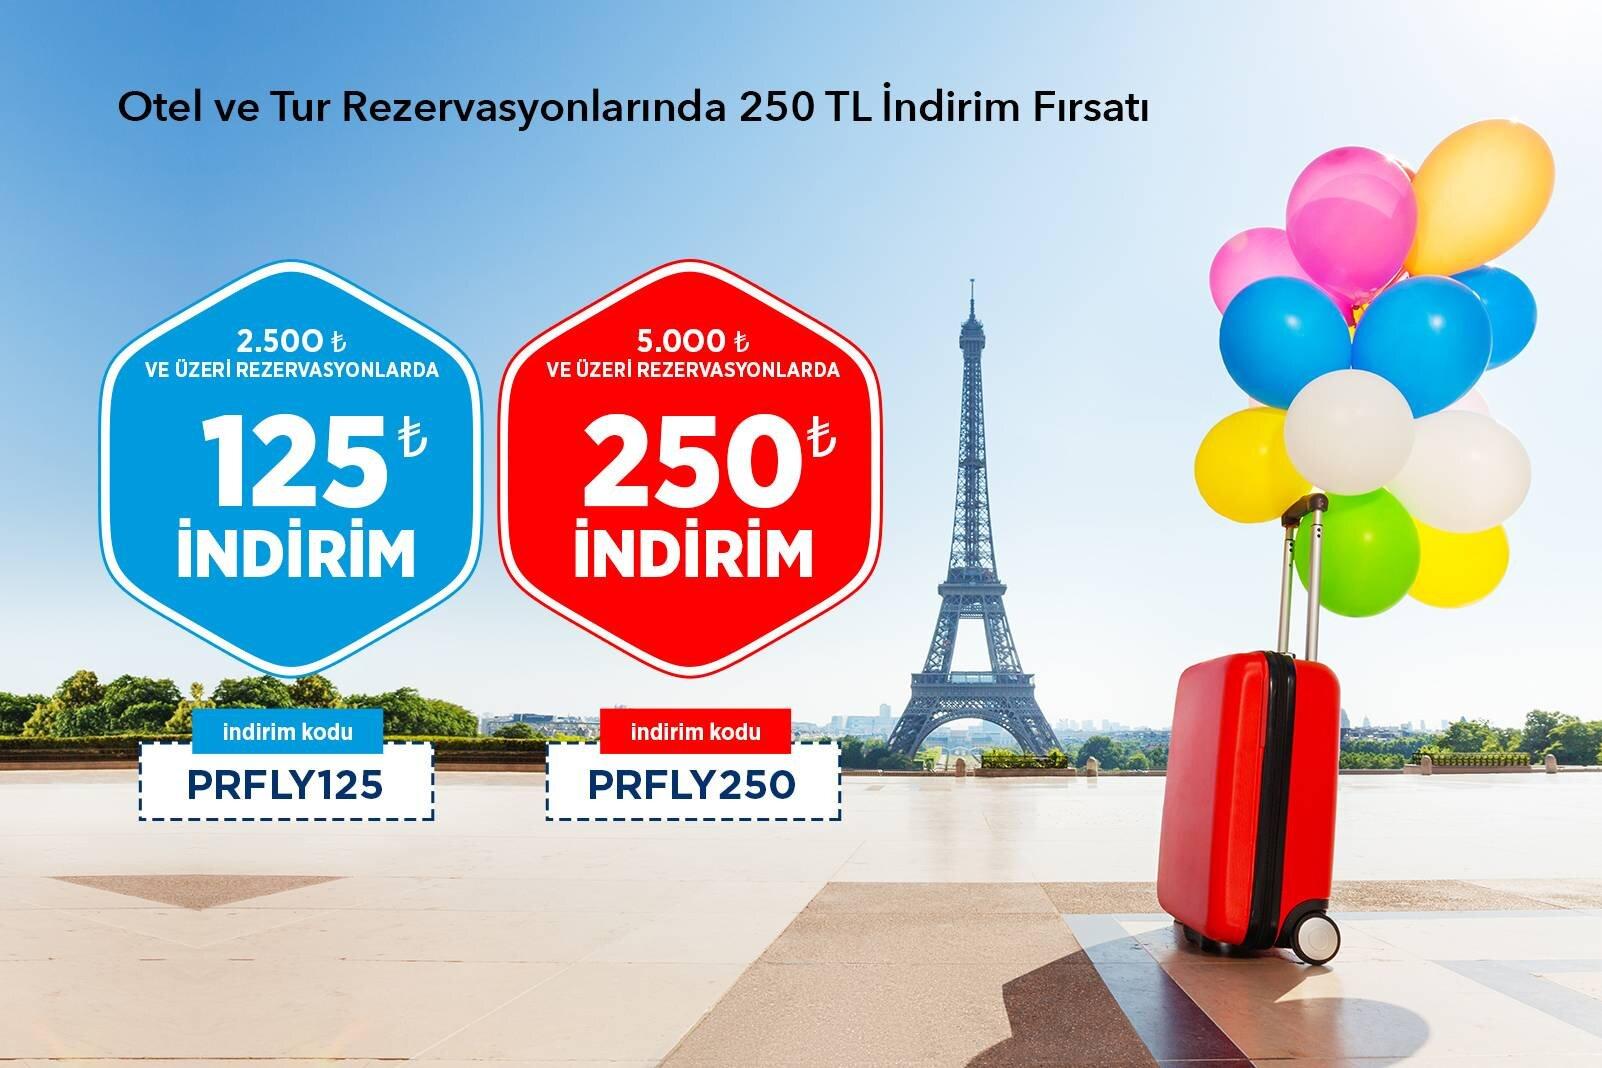 Otel ve Tur Rezervasyonlarında 250 TL İndirim Fırsatı